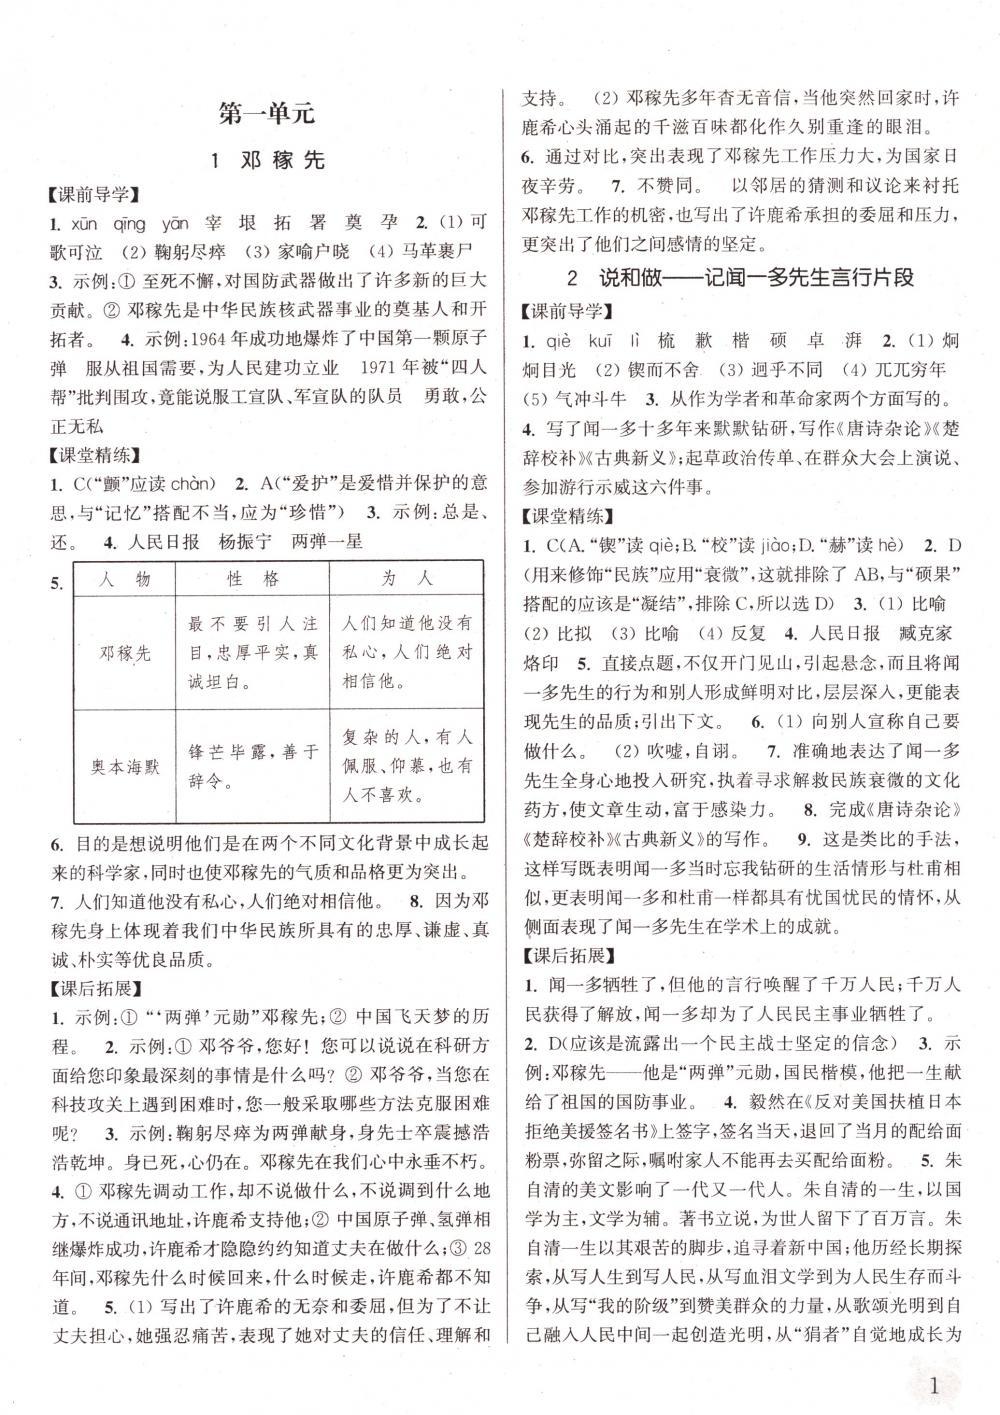 2018年通城学典课时作业本七年级语文下册苏教版第1页